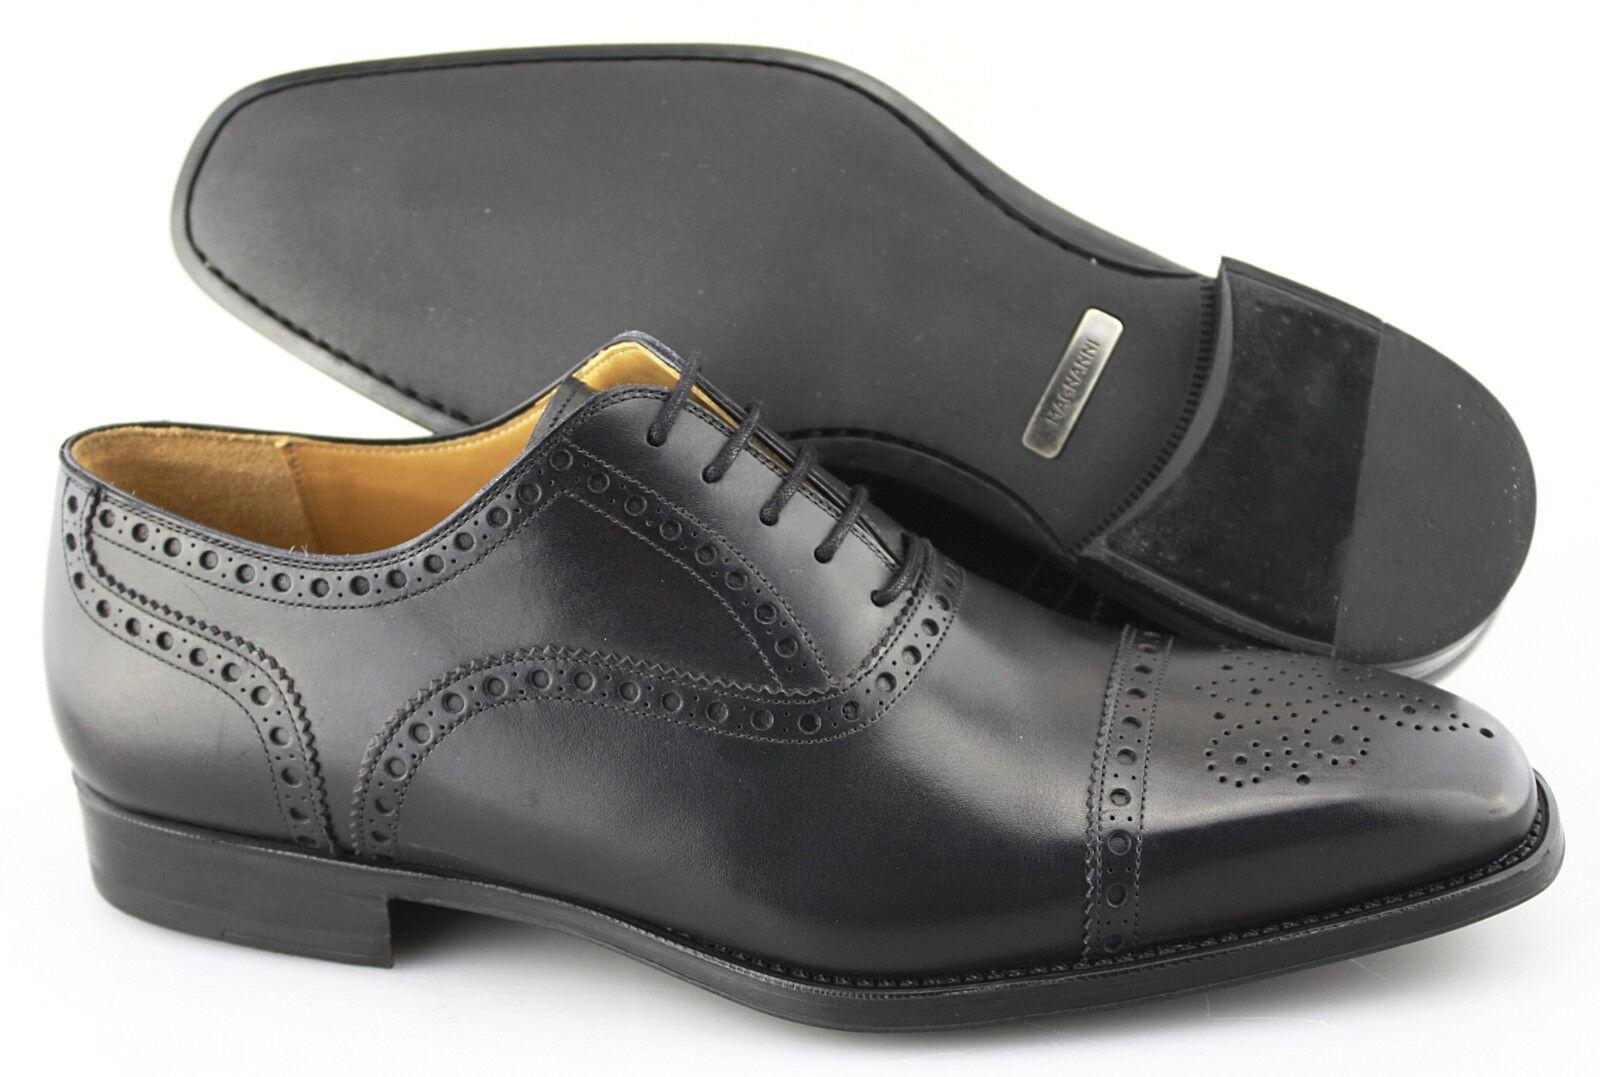 Para Hombre Vestido Magnanni  J.S.U. 'Cuero Negro puntera Oxford tamaño nos 9-D